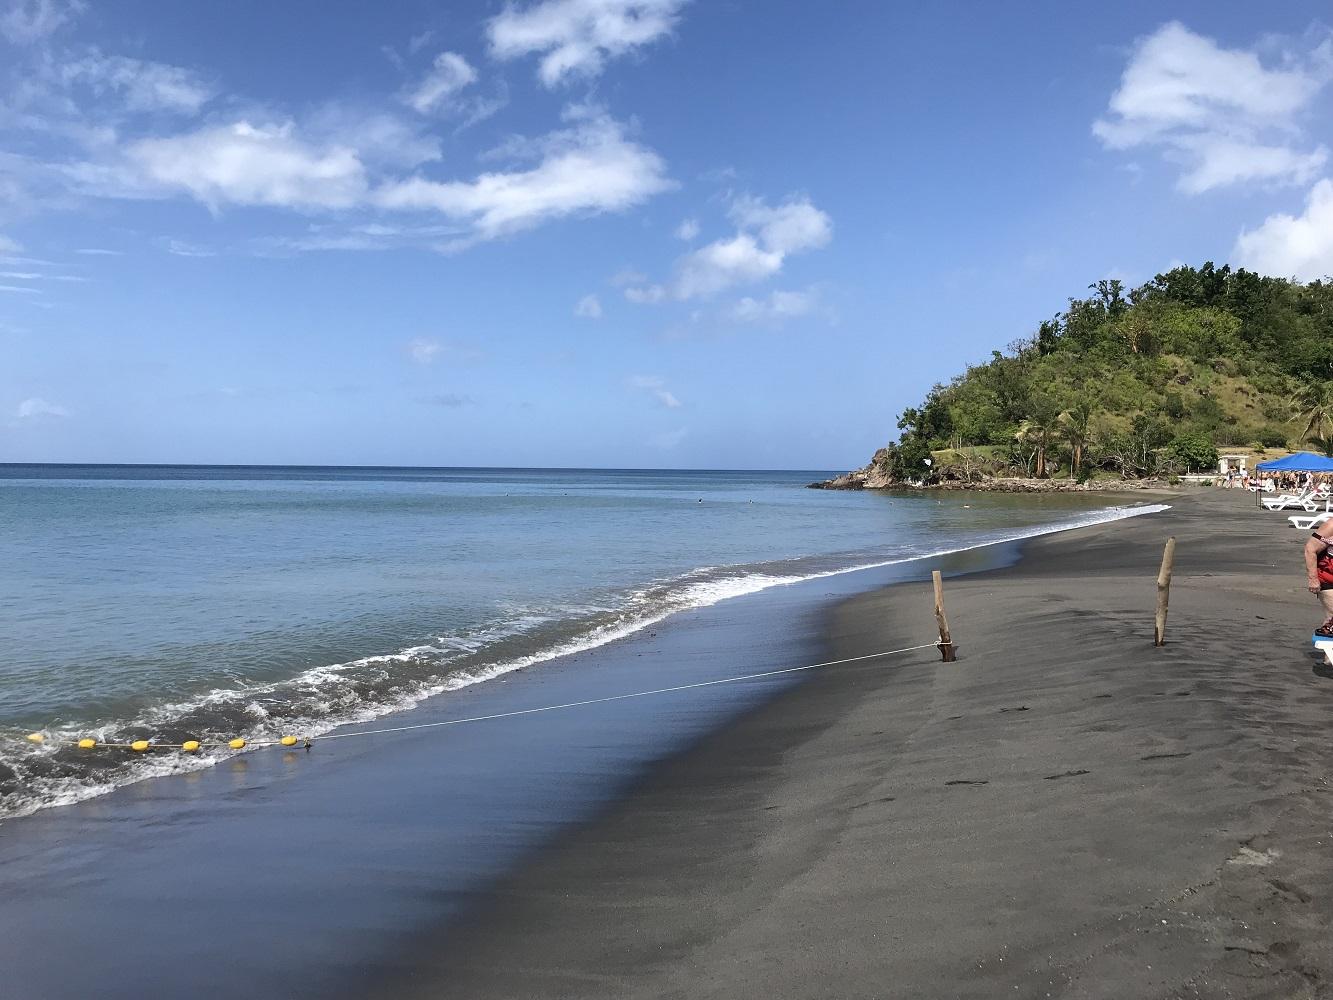 Mein Schiff Ausflugsziel: Mero Beach auf Dominica